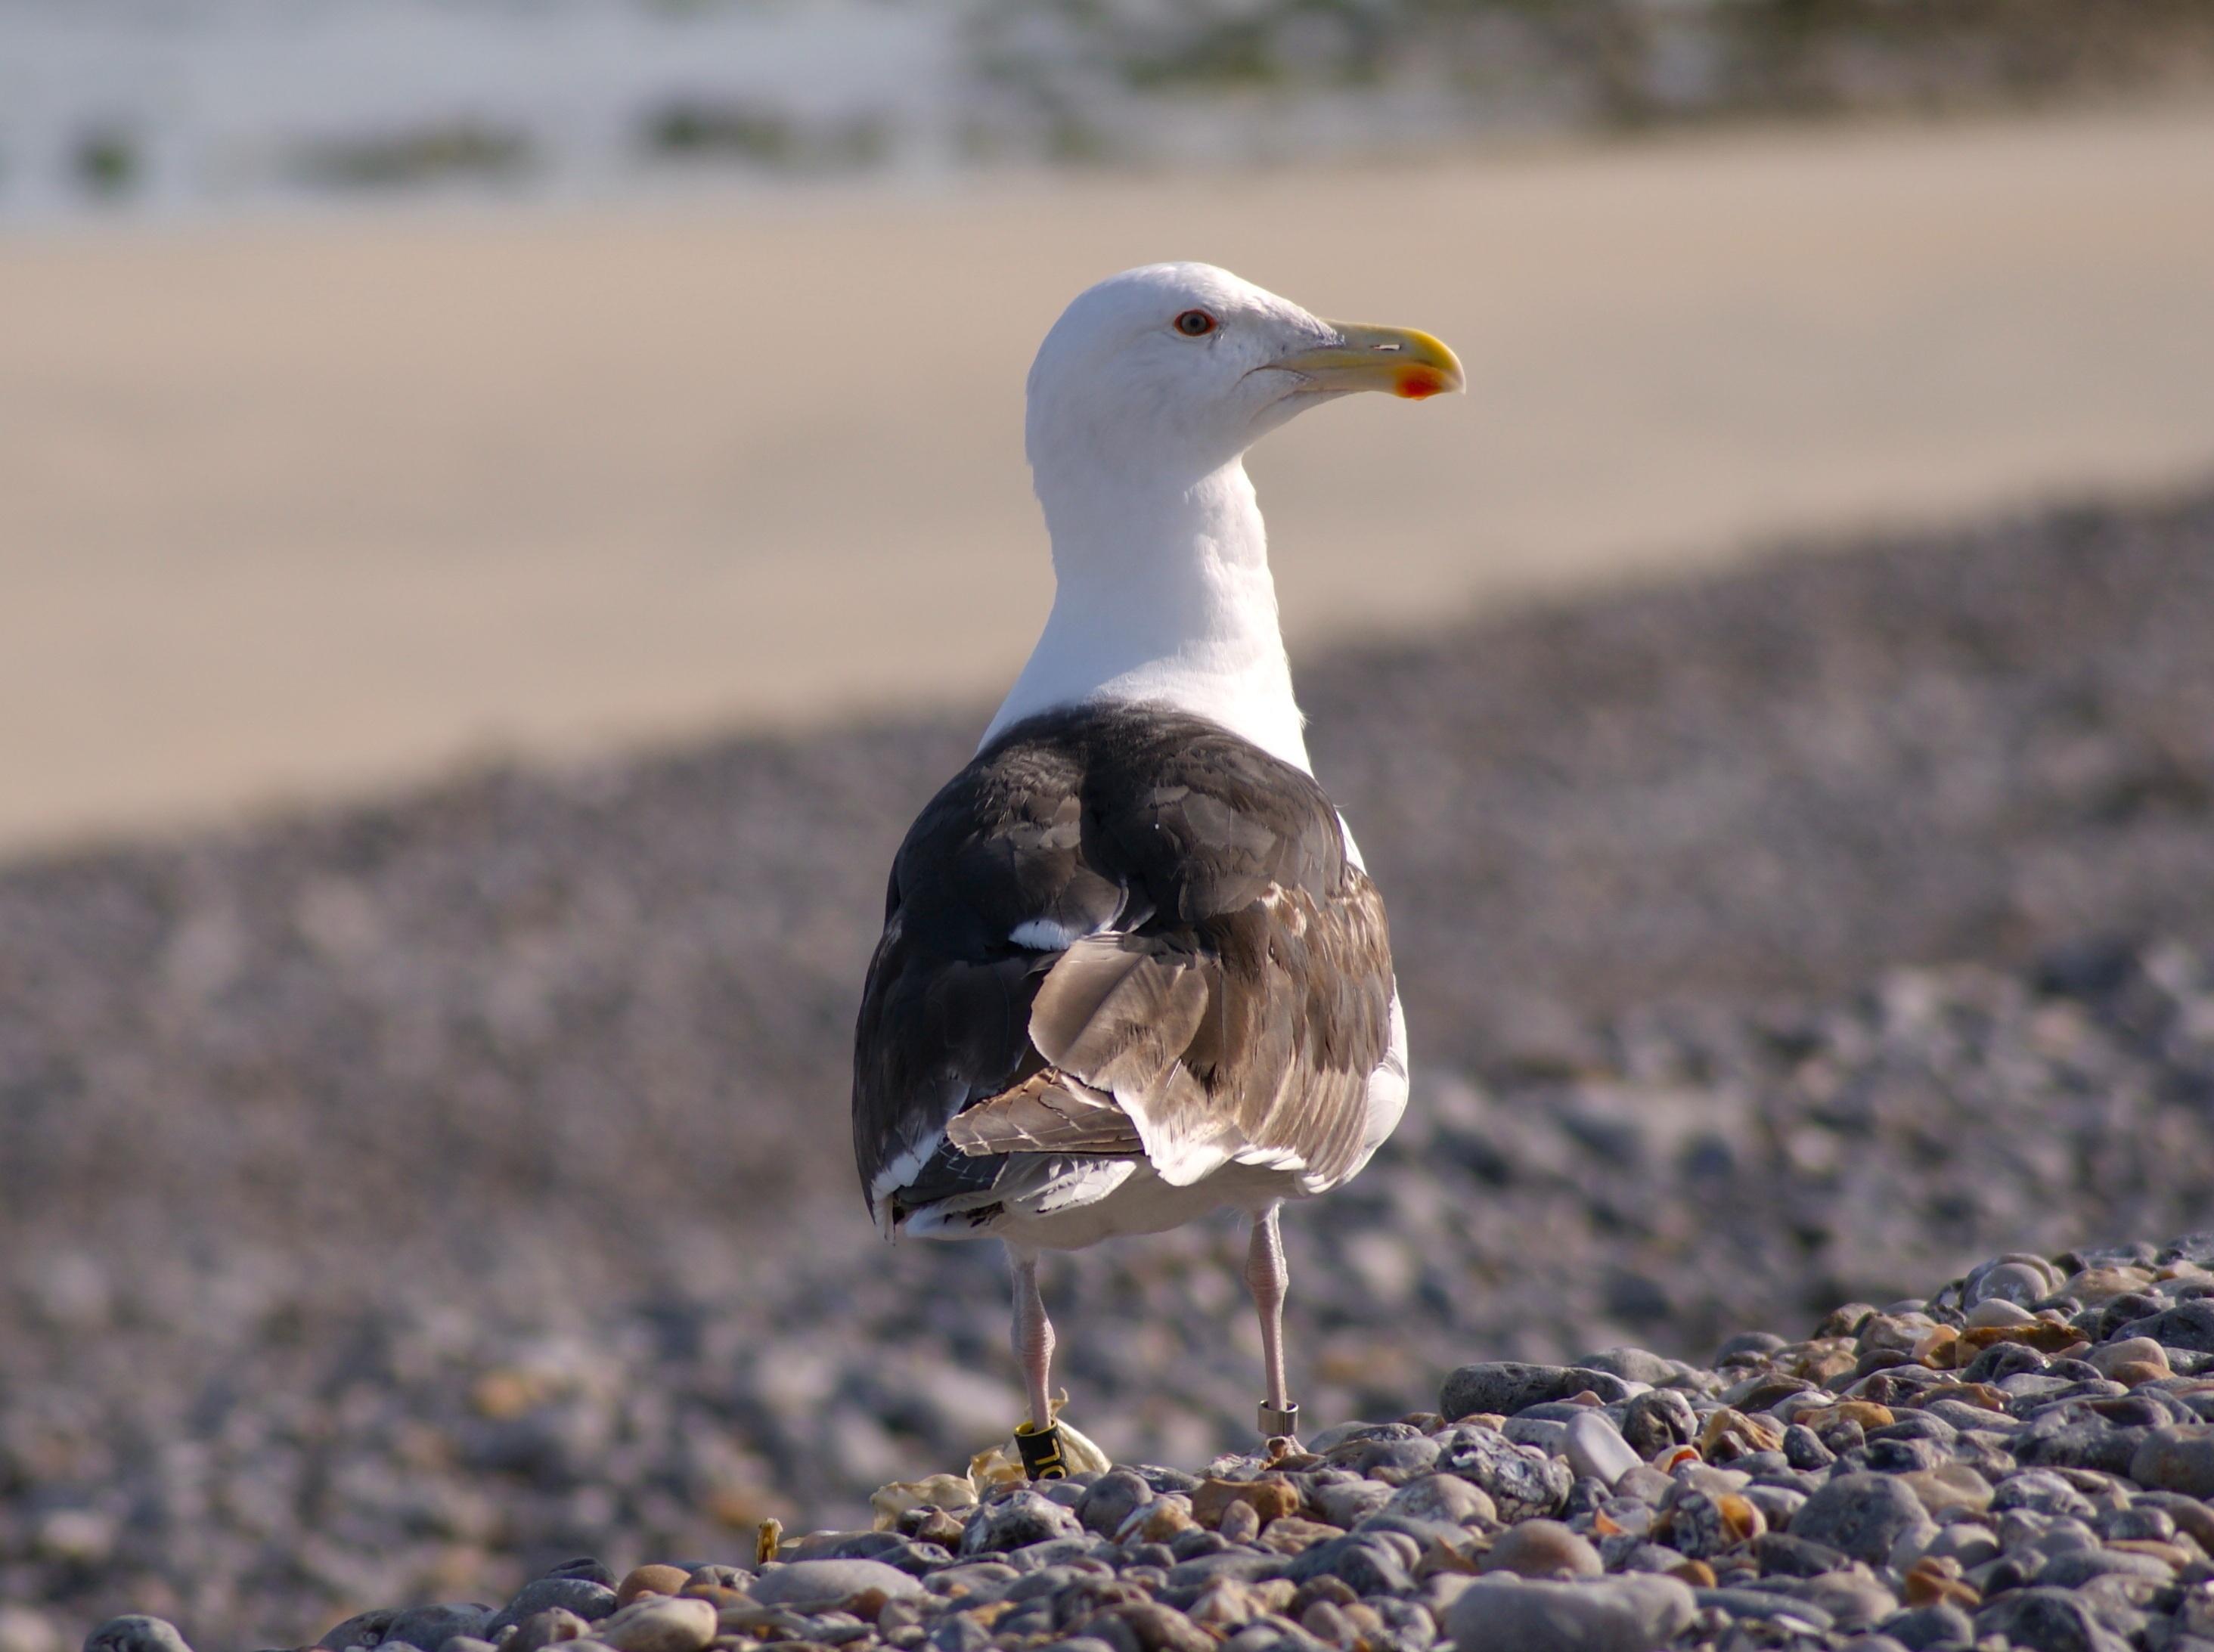 μεγάλο πουλί άσπρ καλύτερο δωρεάν ενηλίκων πορνό